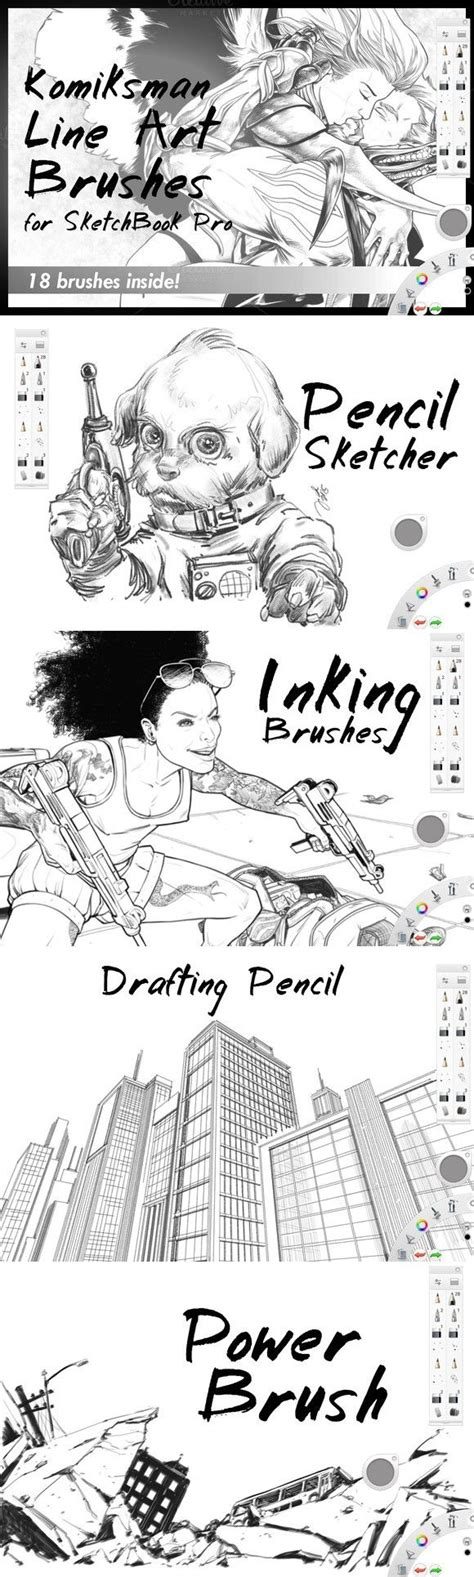 sketchbook pro jagged lines 25 trending sketchbook pro ideas on